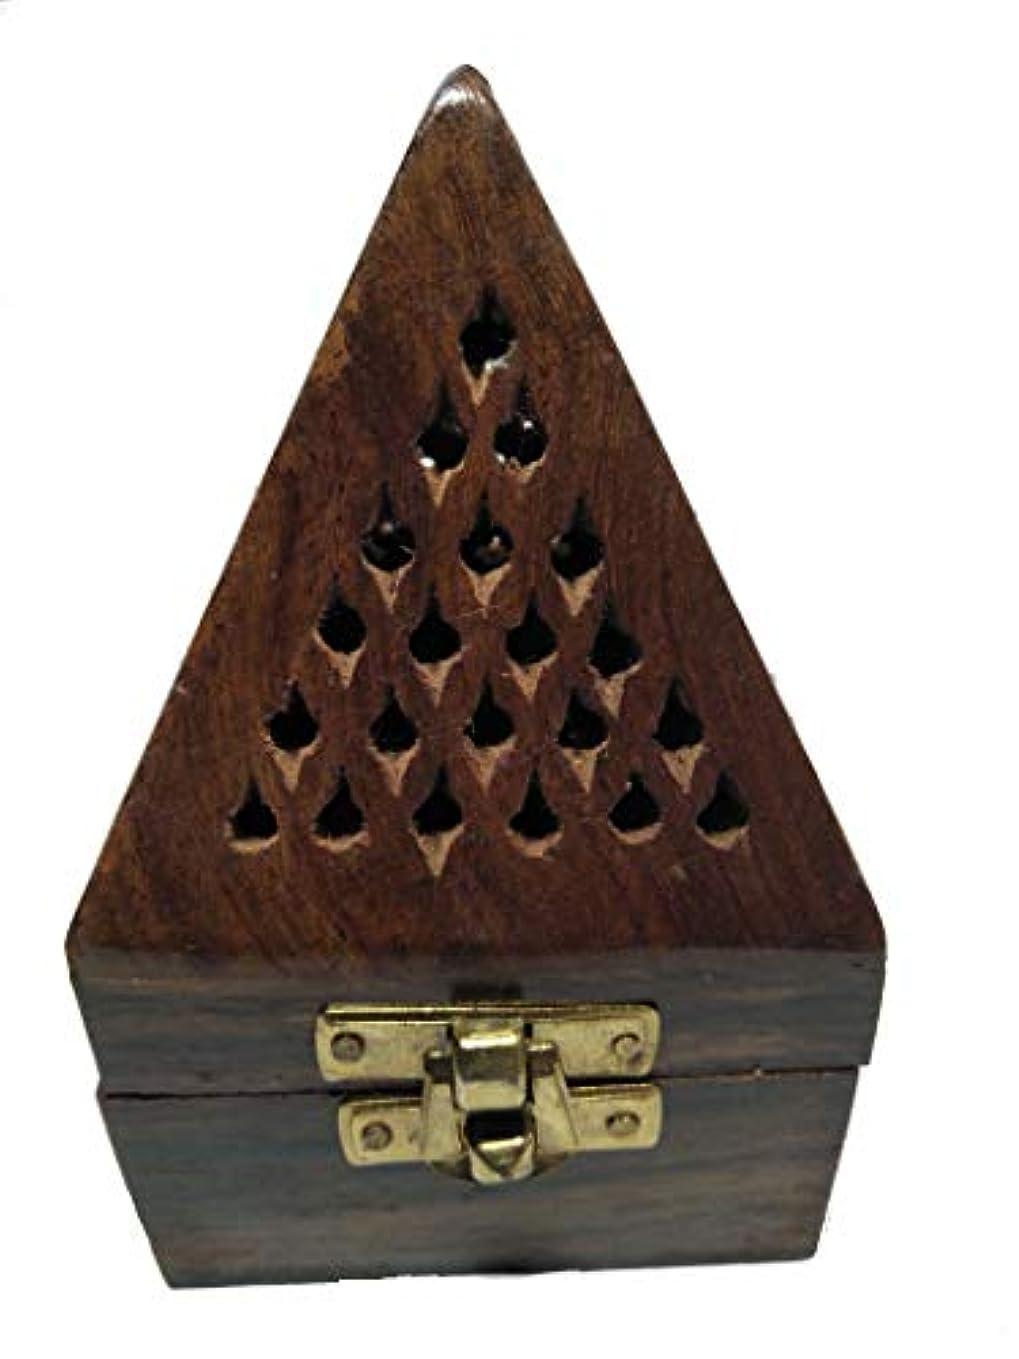 未就学ラジカル八百屋さんクリスマスプレゼント、木製ピラミッド形状Burner、Dhoopホルダーwith Base正方形とトップ円錐形状Dhoopホルダー